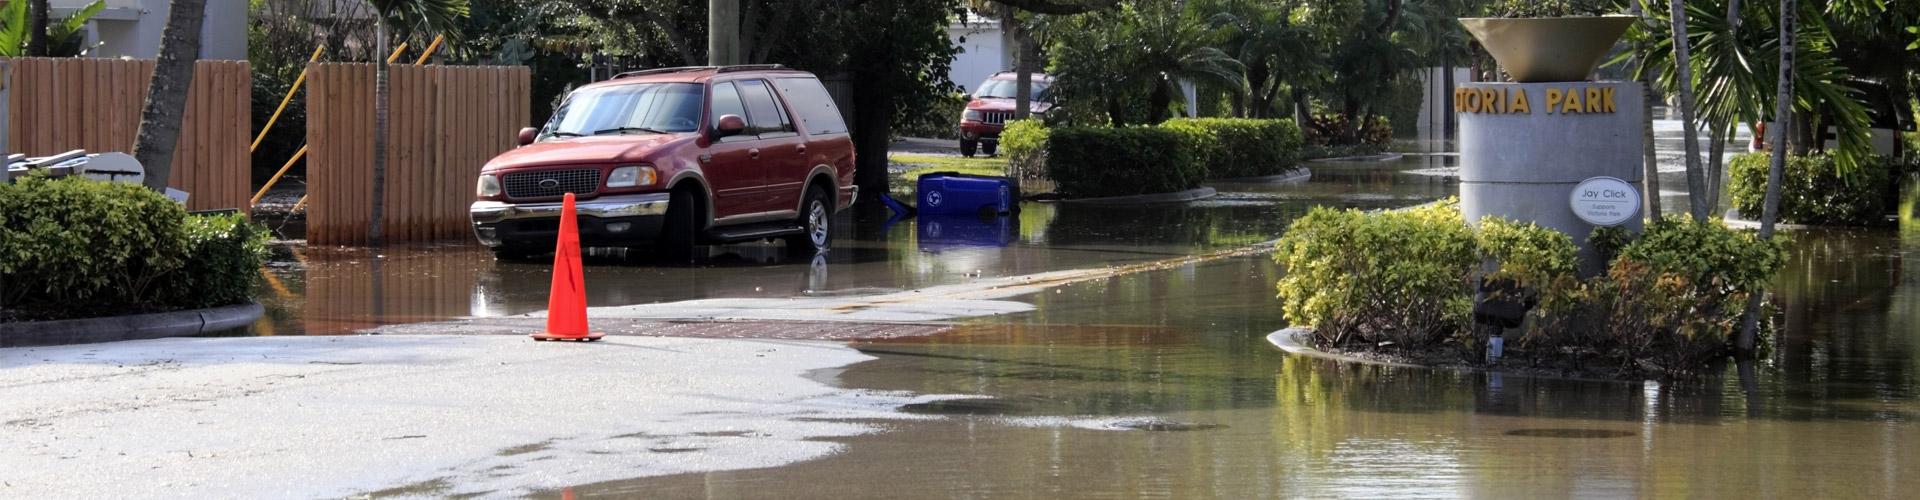 Flooded-Neighborhood-500